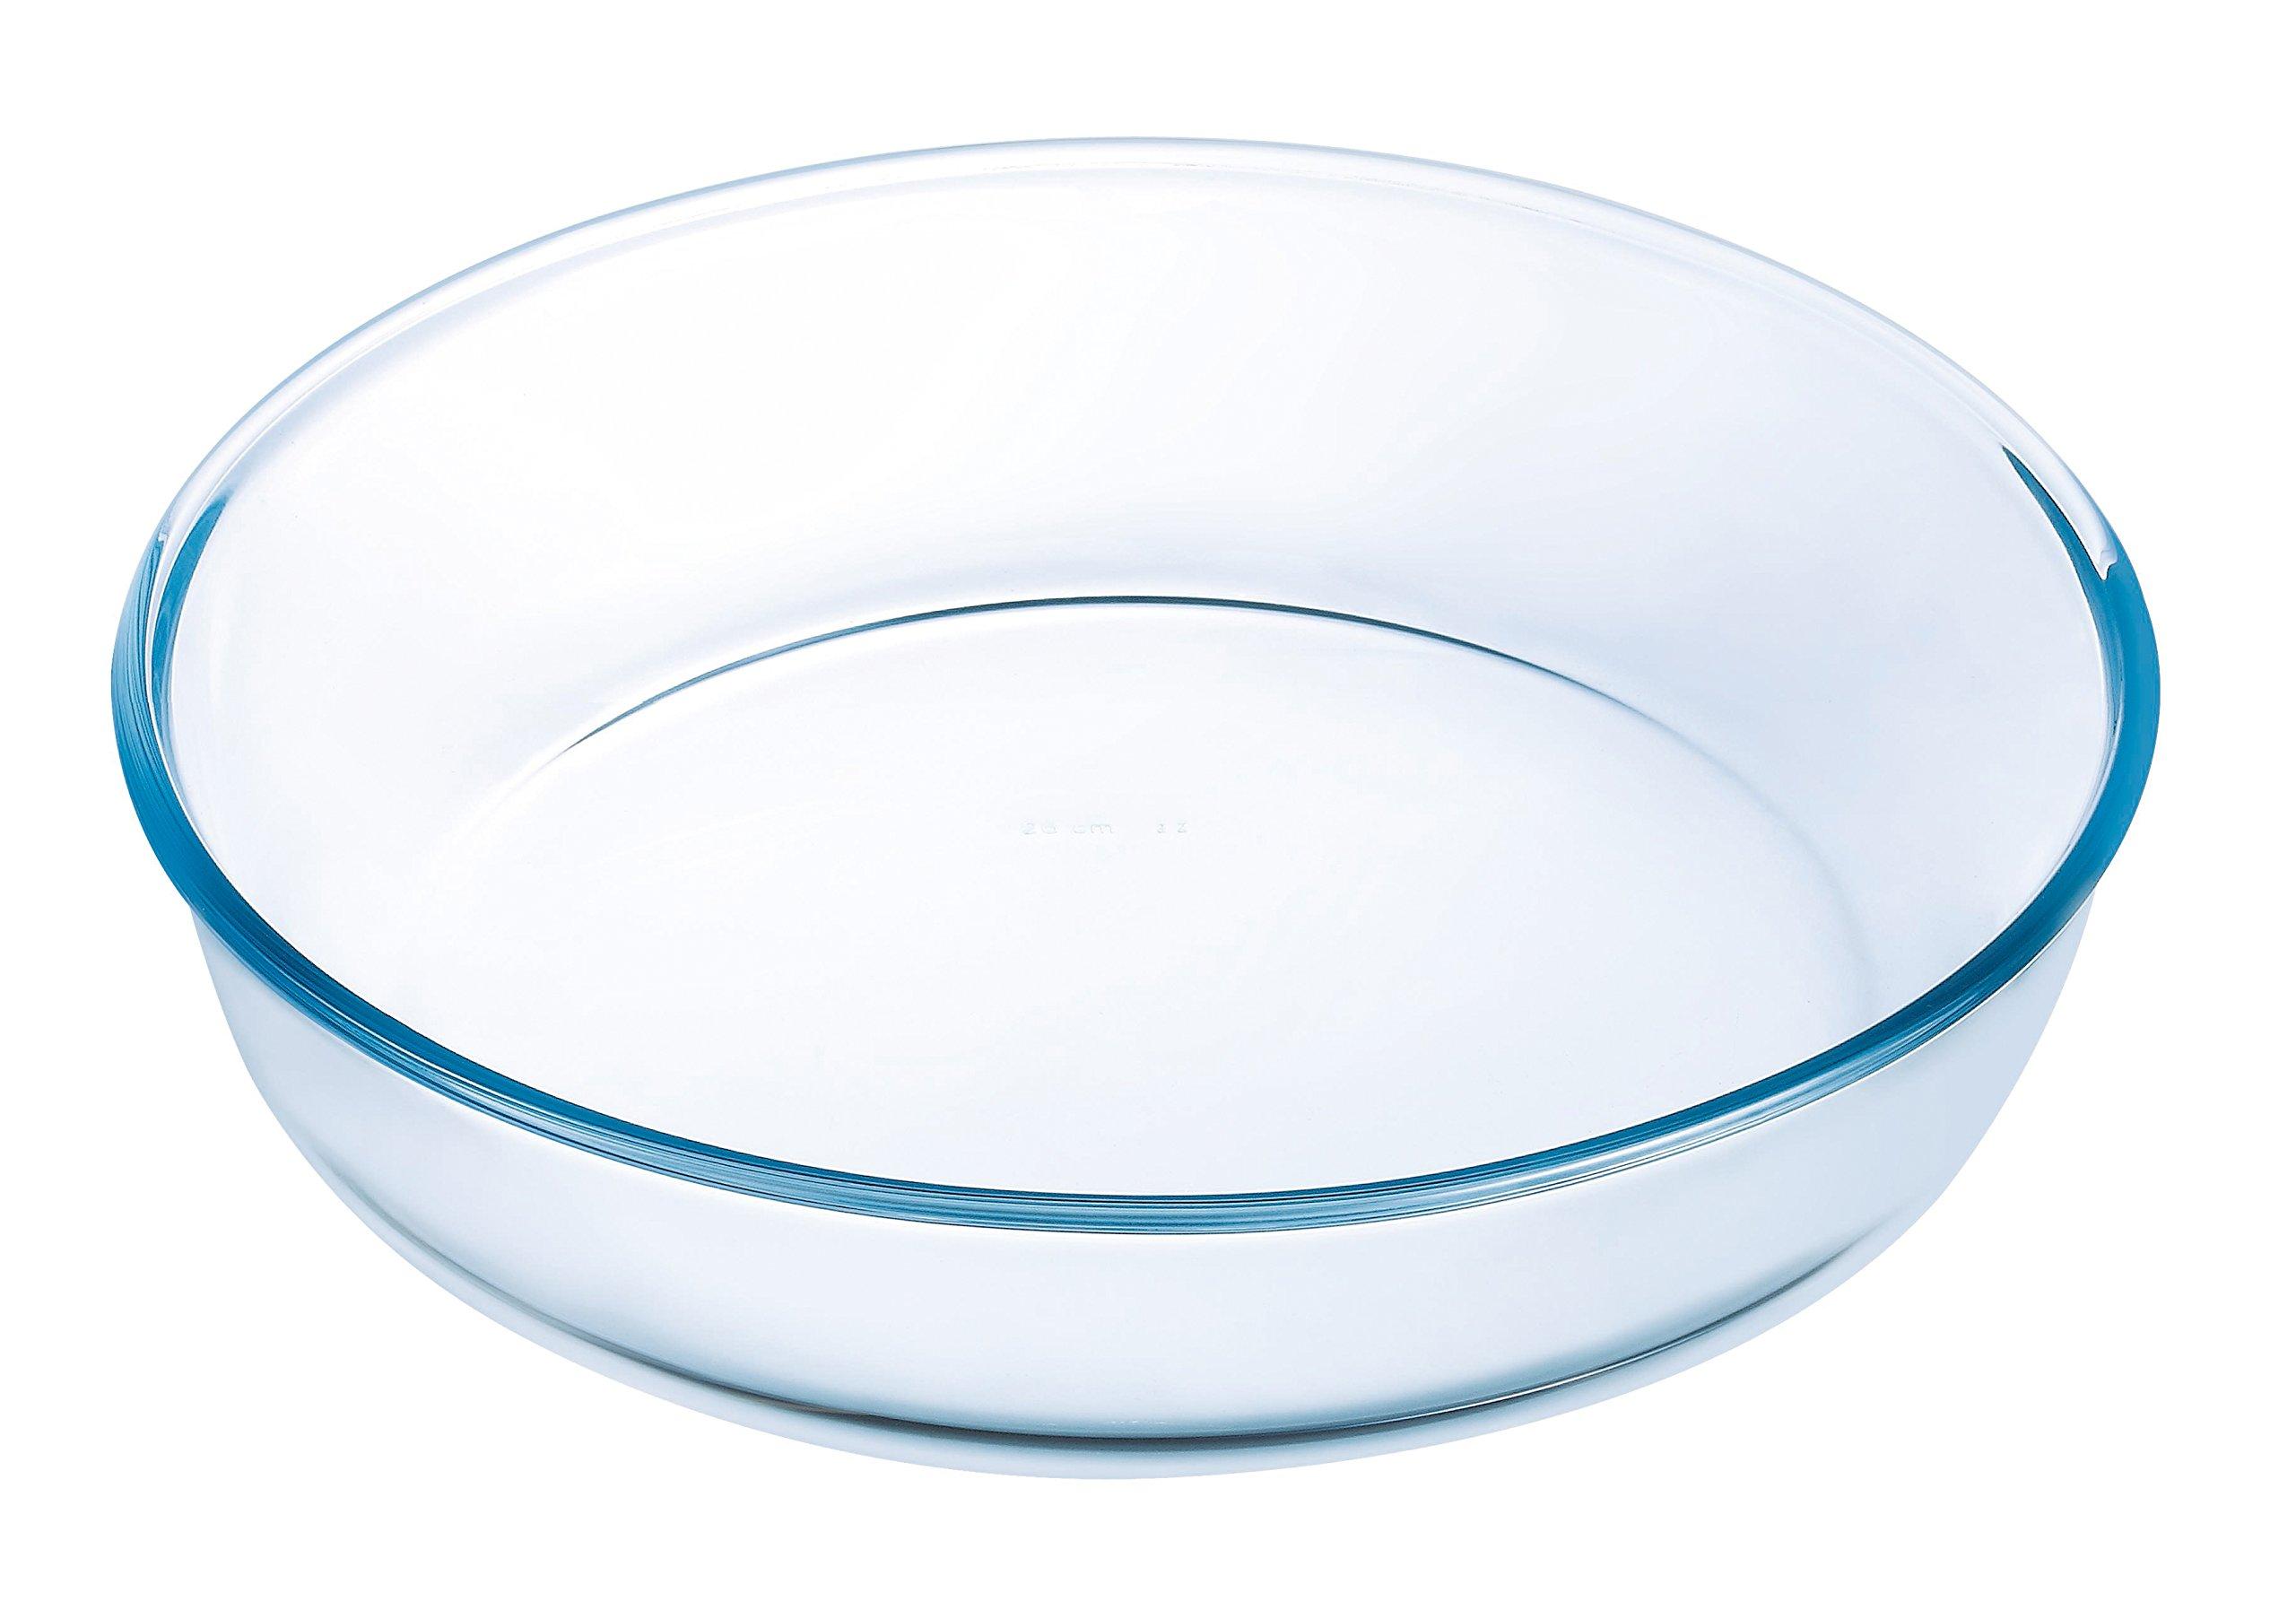 ARCUISINE Molde Tarta Hondo 26Cm Ocuisine, TransPe, 2.52 cm product image